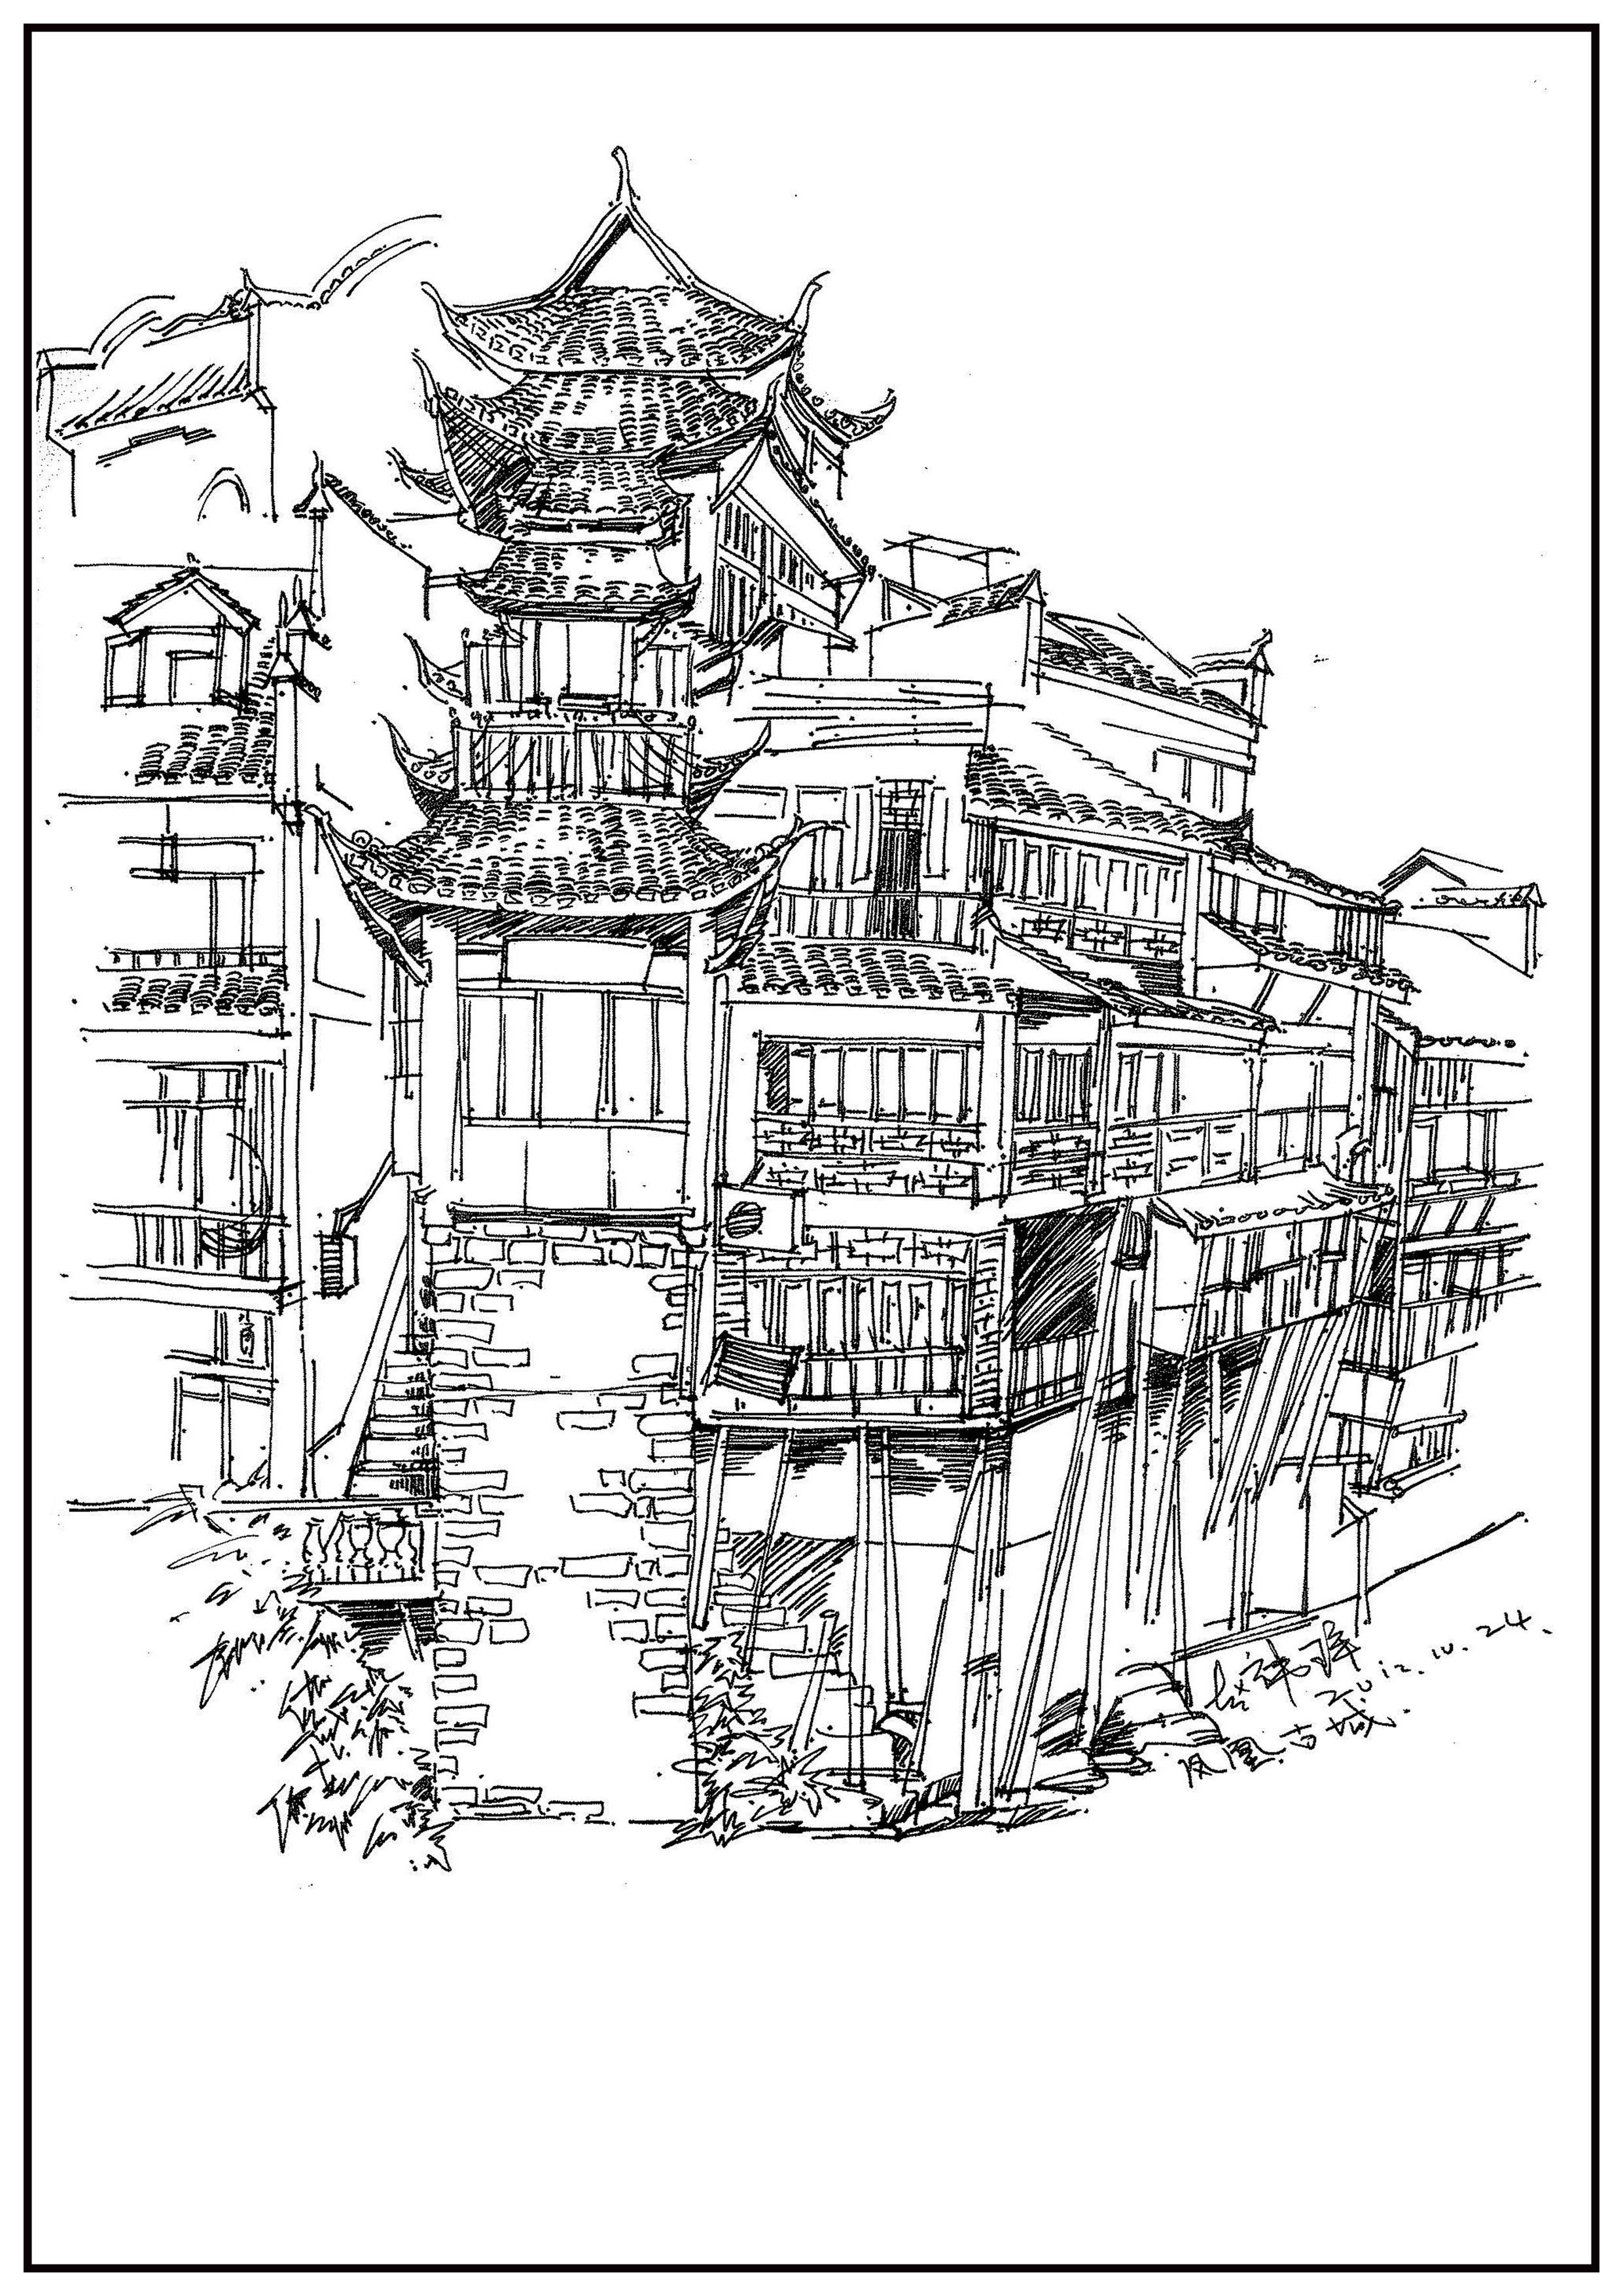 简笔画 手绘 线稿 2480_3508 竖版 竖屏图片